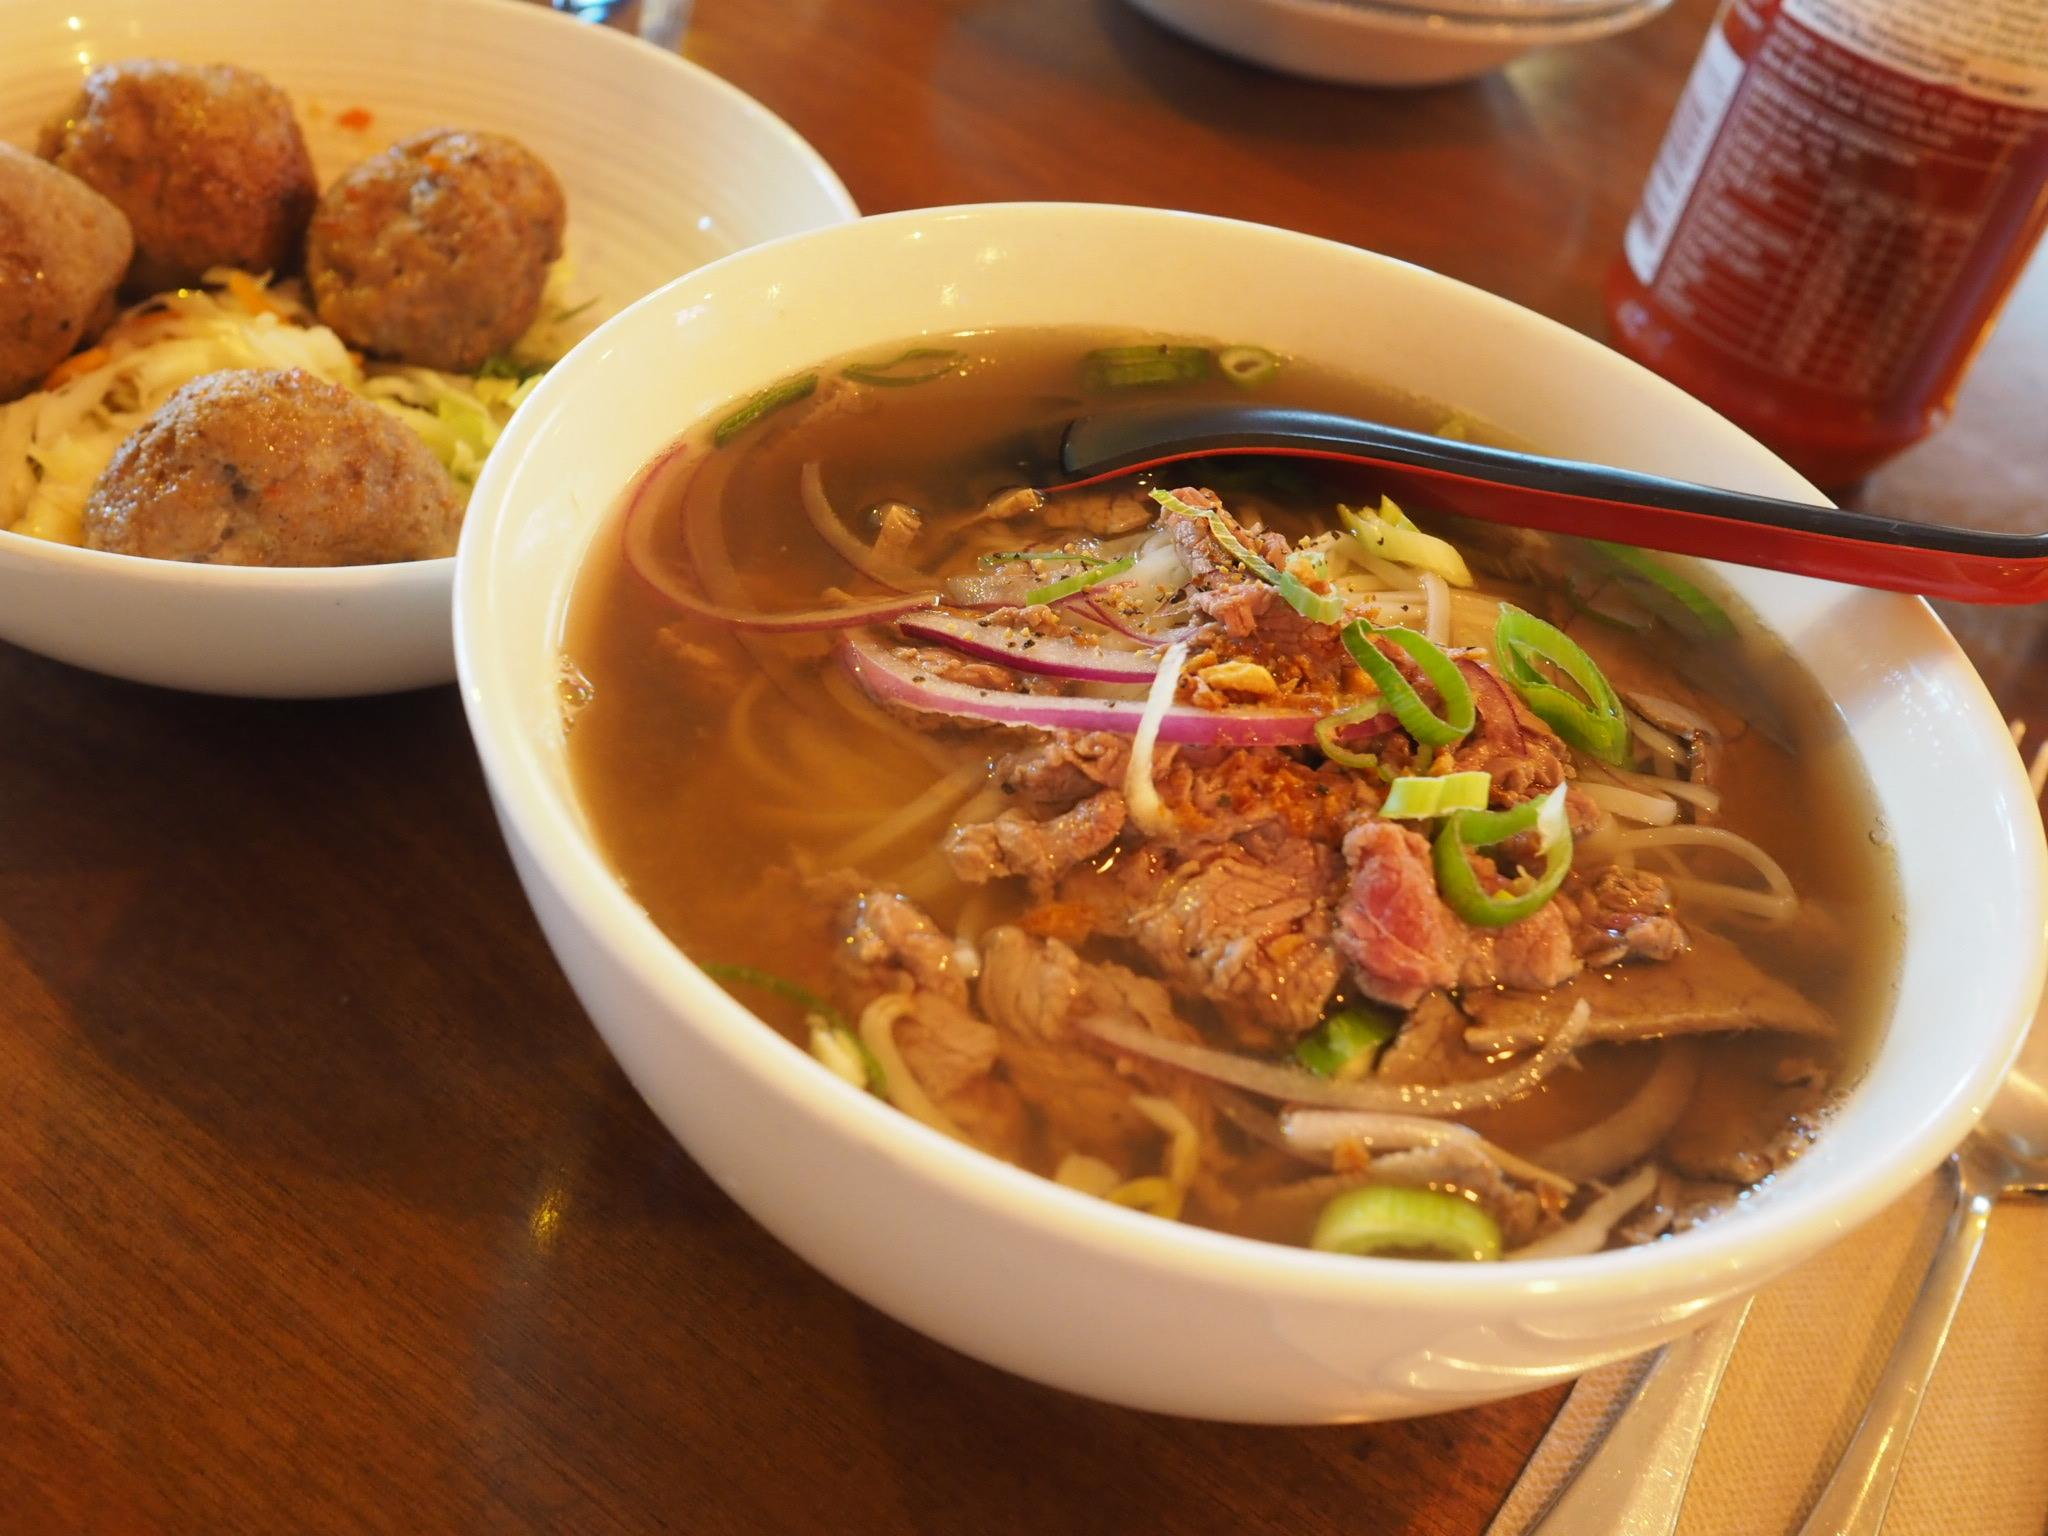 Saigon Kingdom Pho bo ha noi meatballs